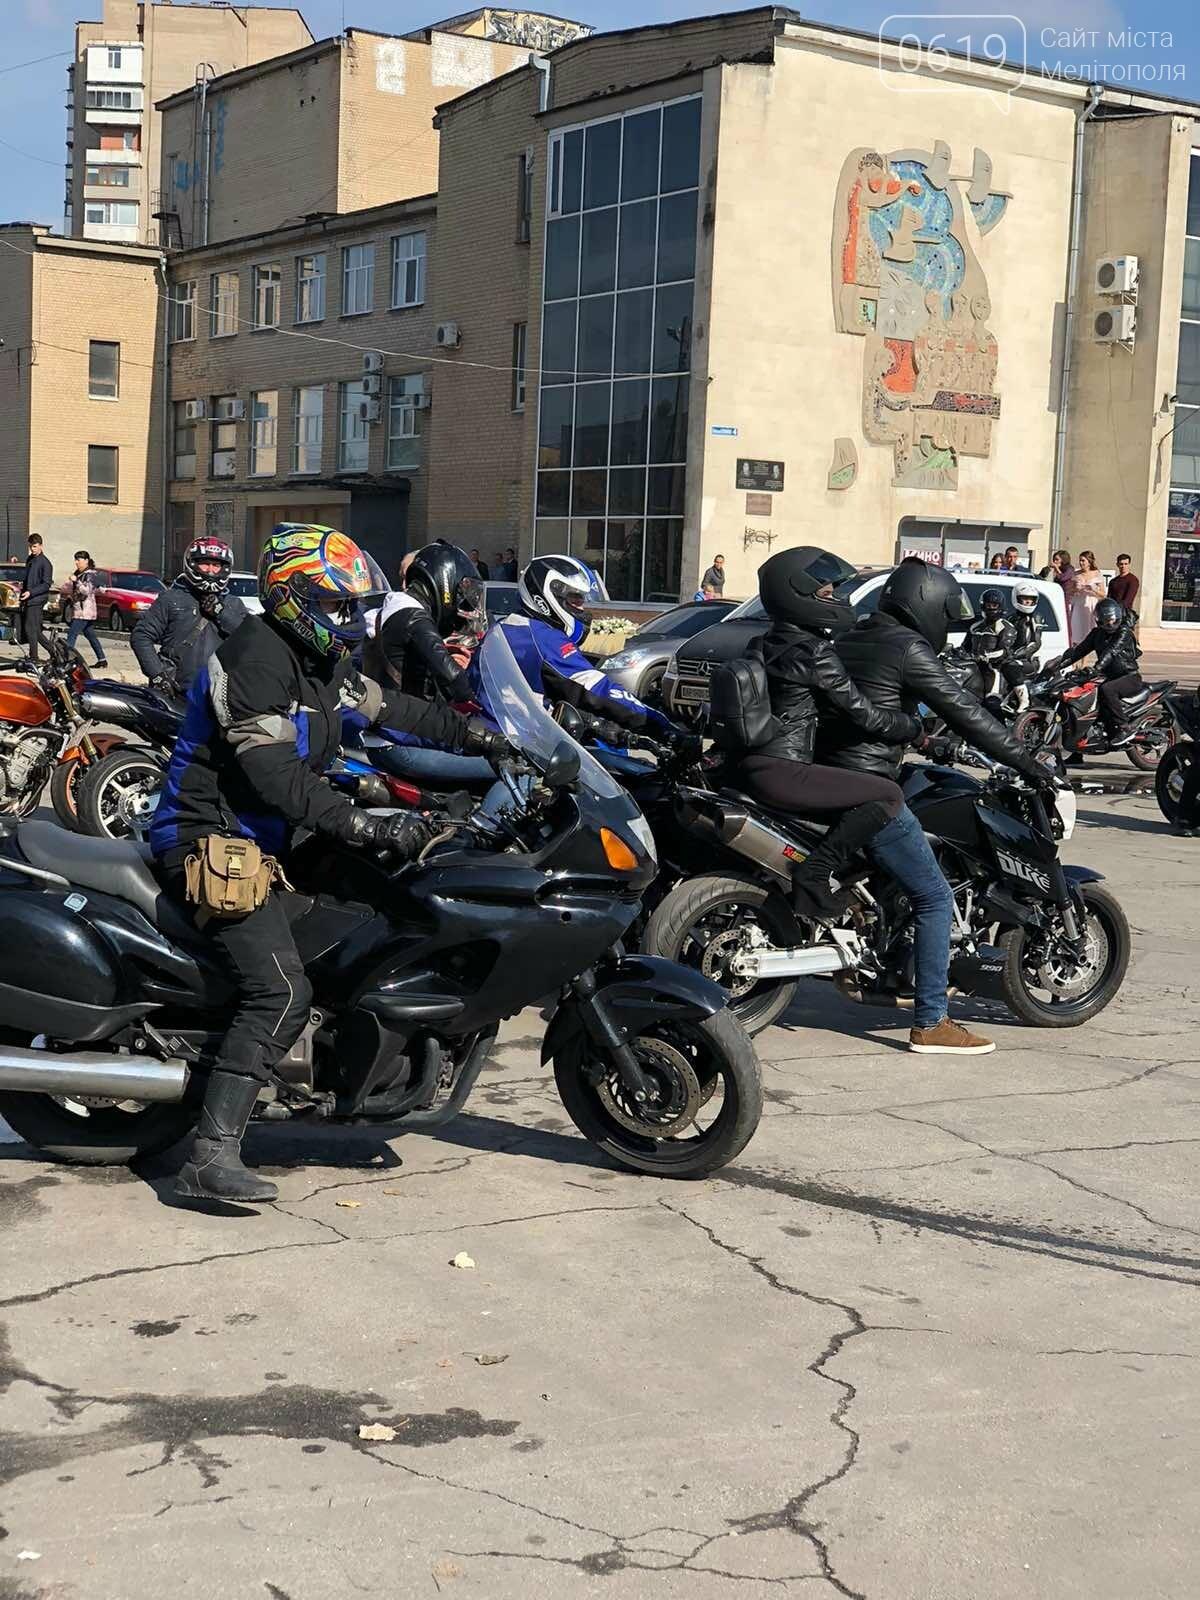 Байкеры проехали колонной по Мелитополю в честь закрытия мотосезона, - ФОТО, фото-11